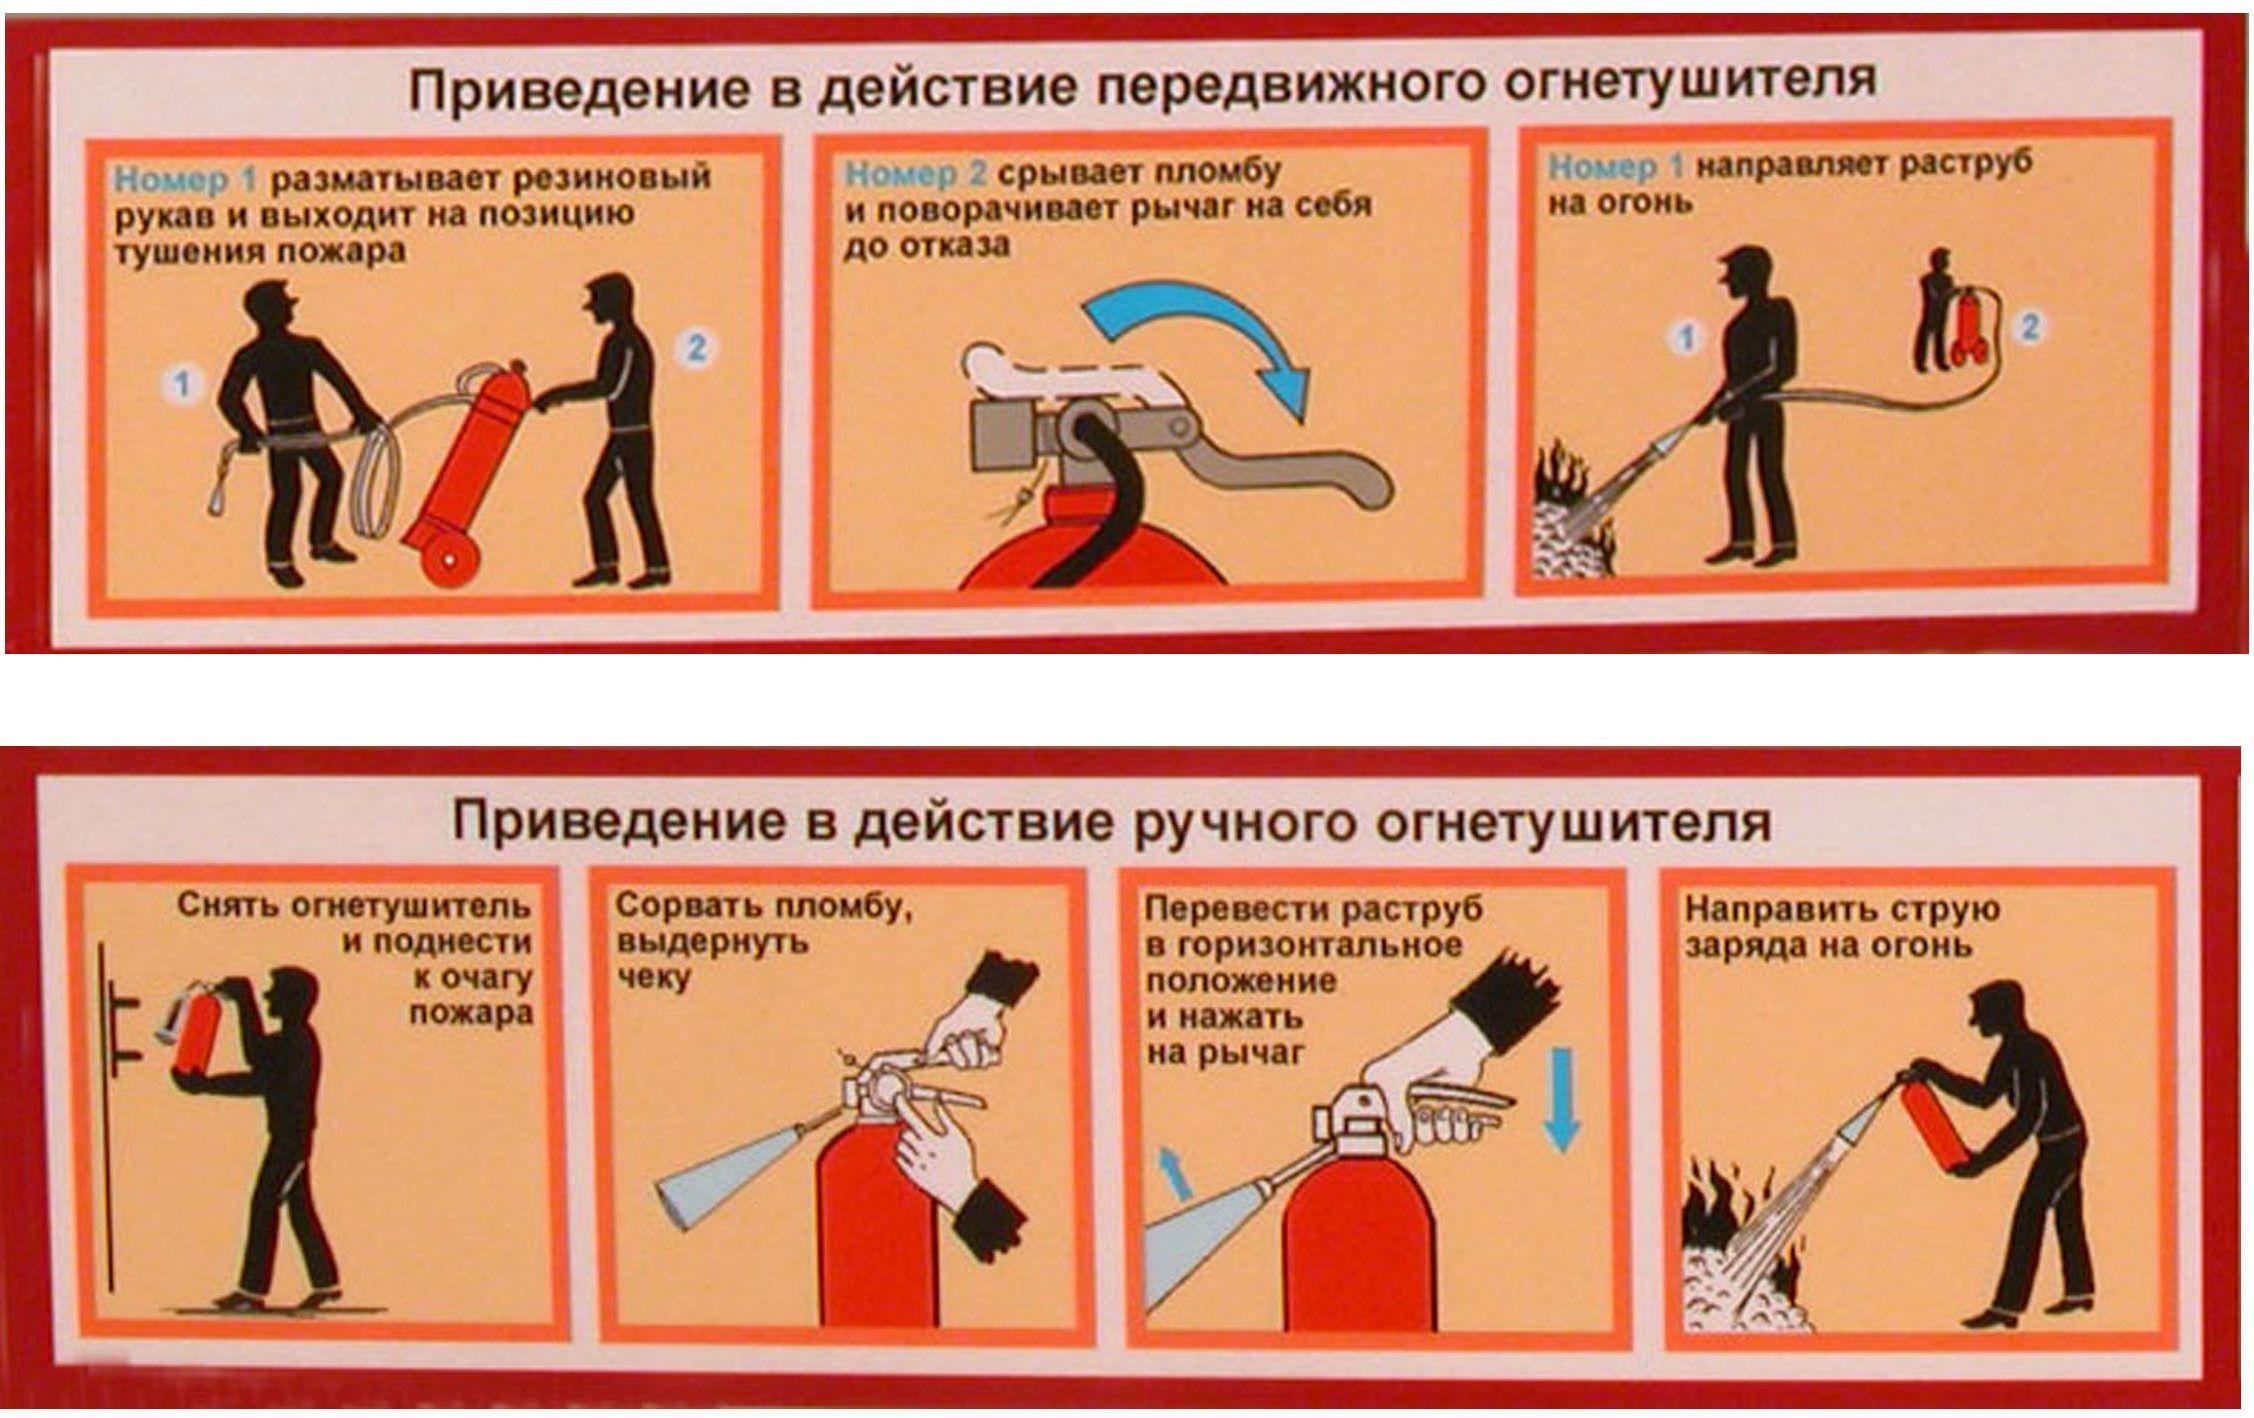 Инструкции по использованию огнетушителя